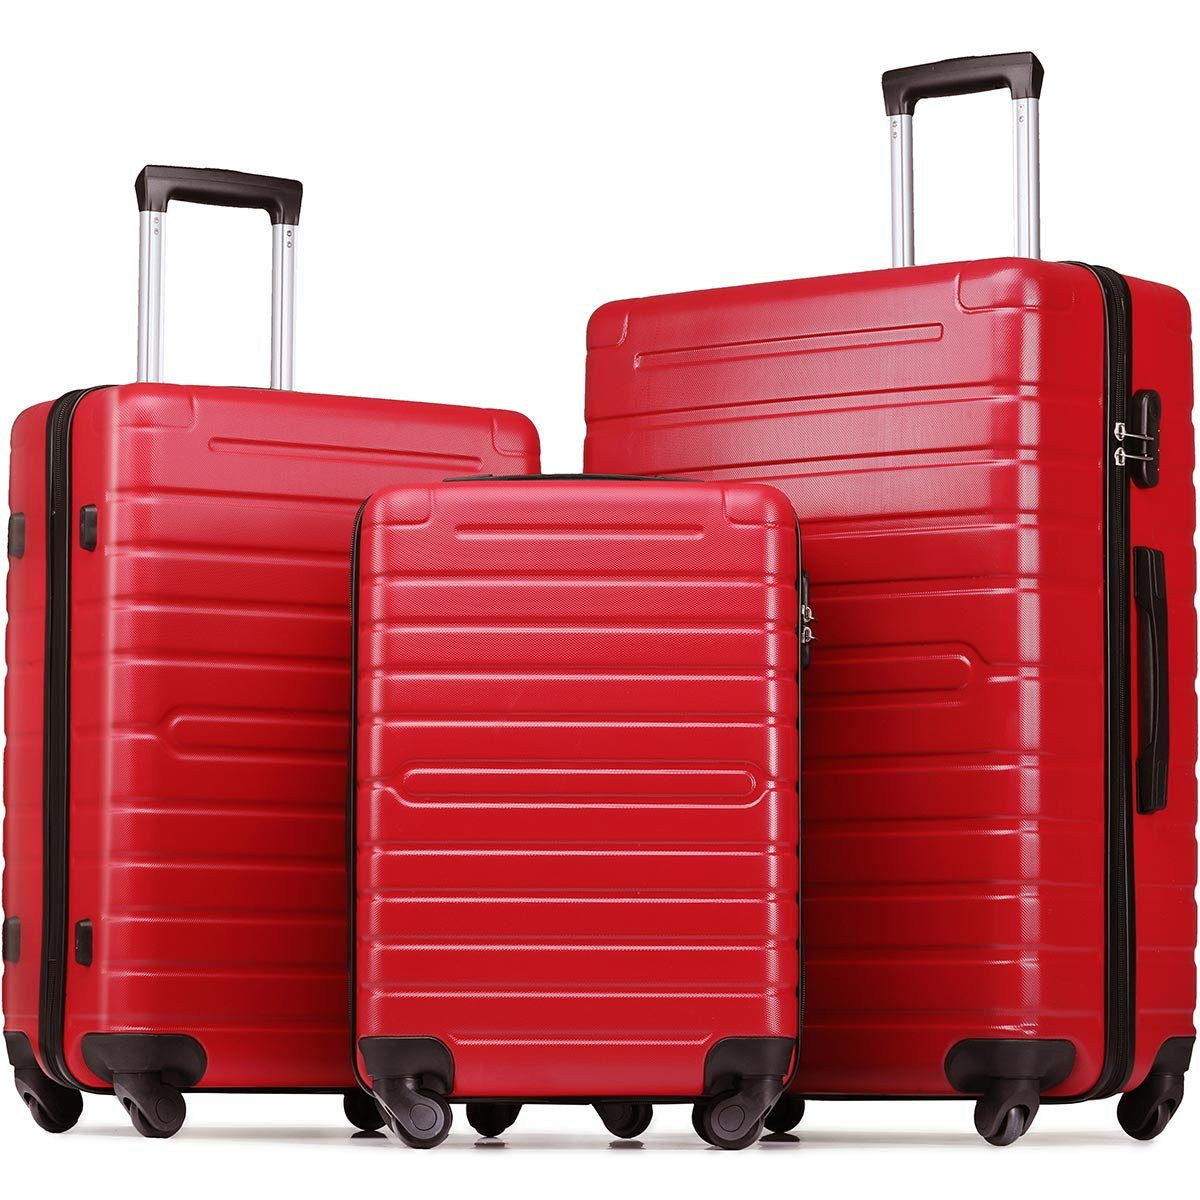 Flieks Luggage Sets 3 Piece Spinner Suitcase Lightweight 20 24 28 inch (Red)